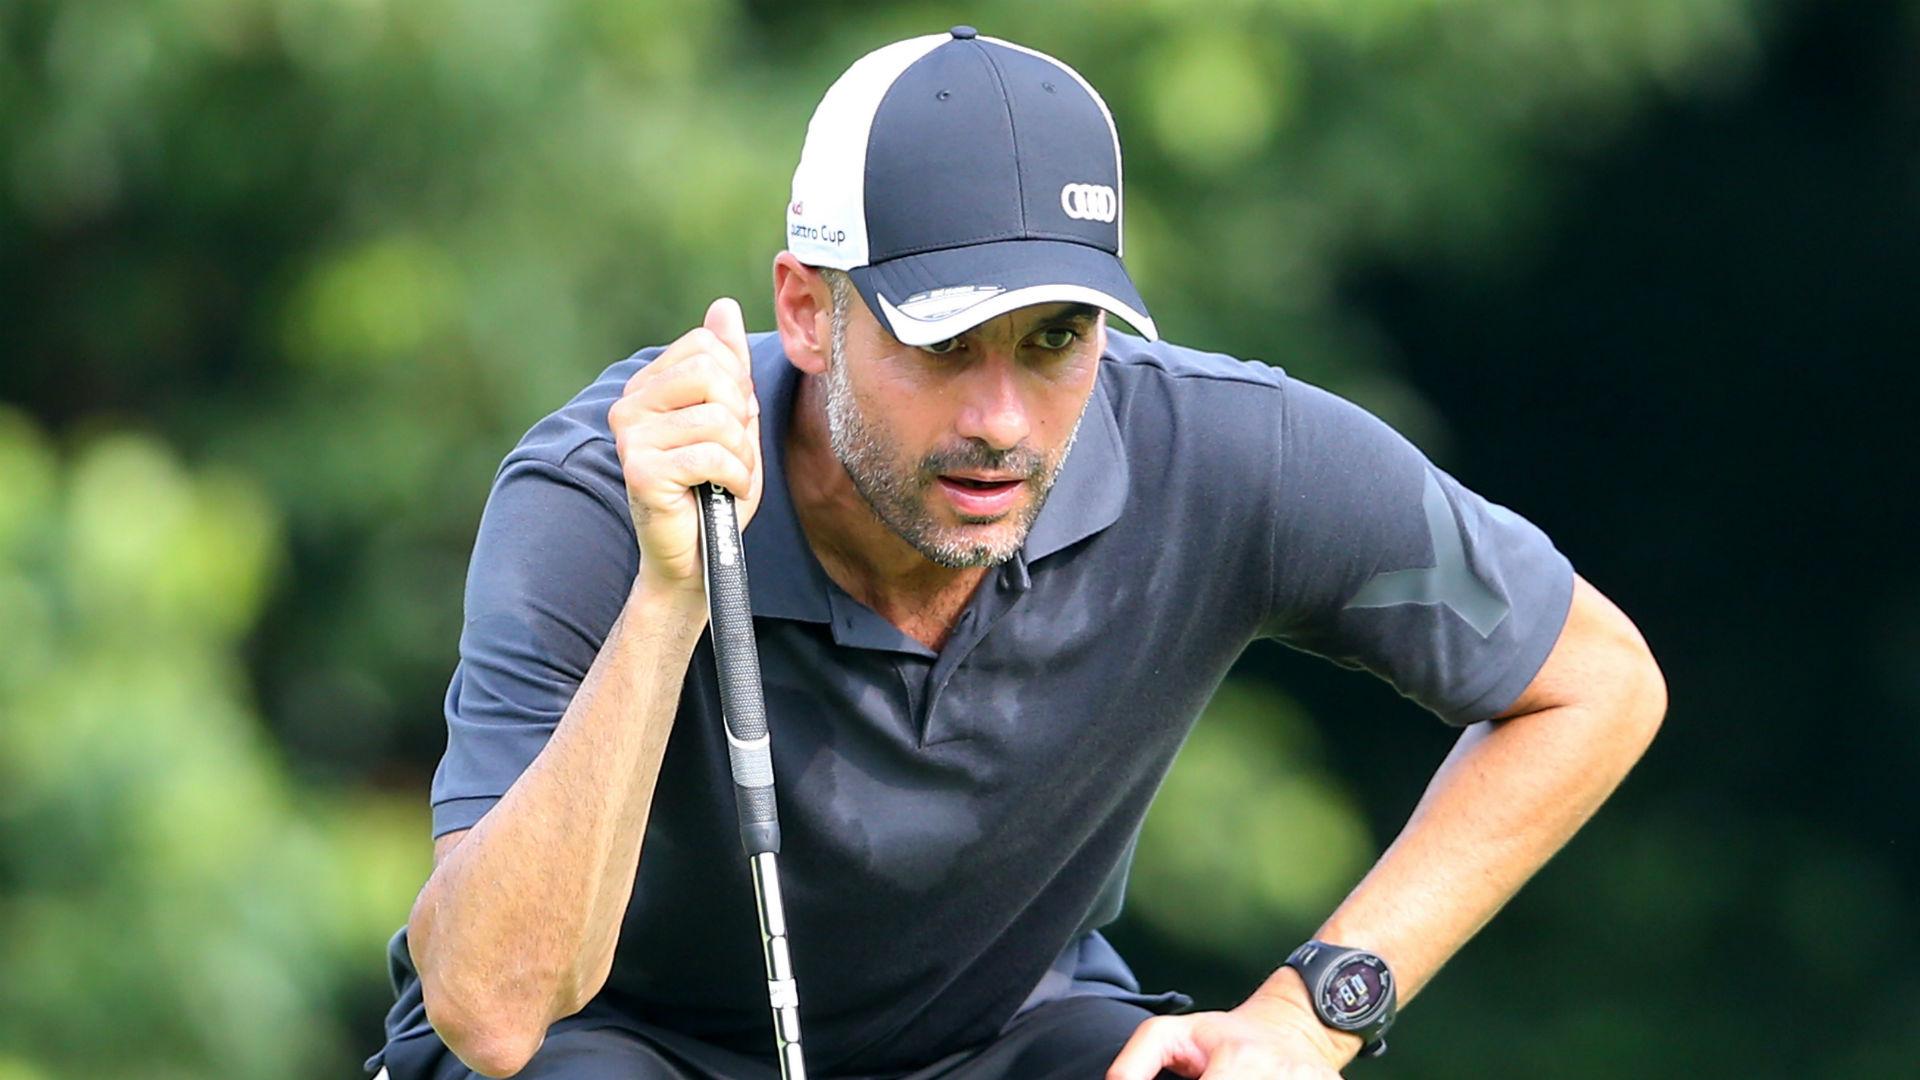 Pelatih City Pep Guardiola Saat Bermain Golf (Foto Sky Sport)